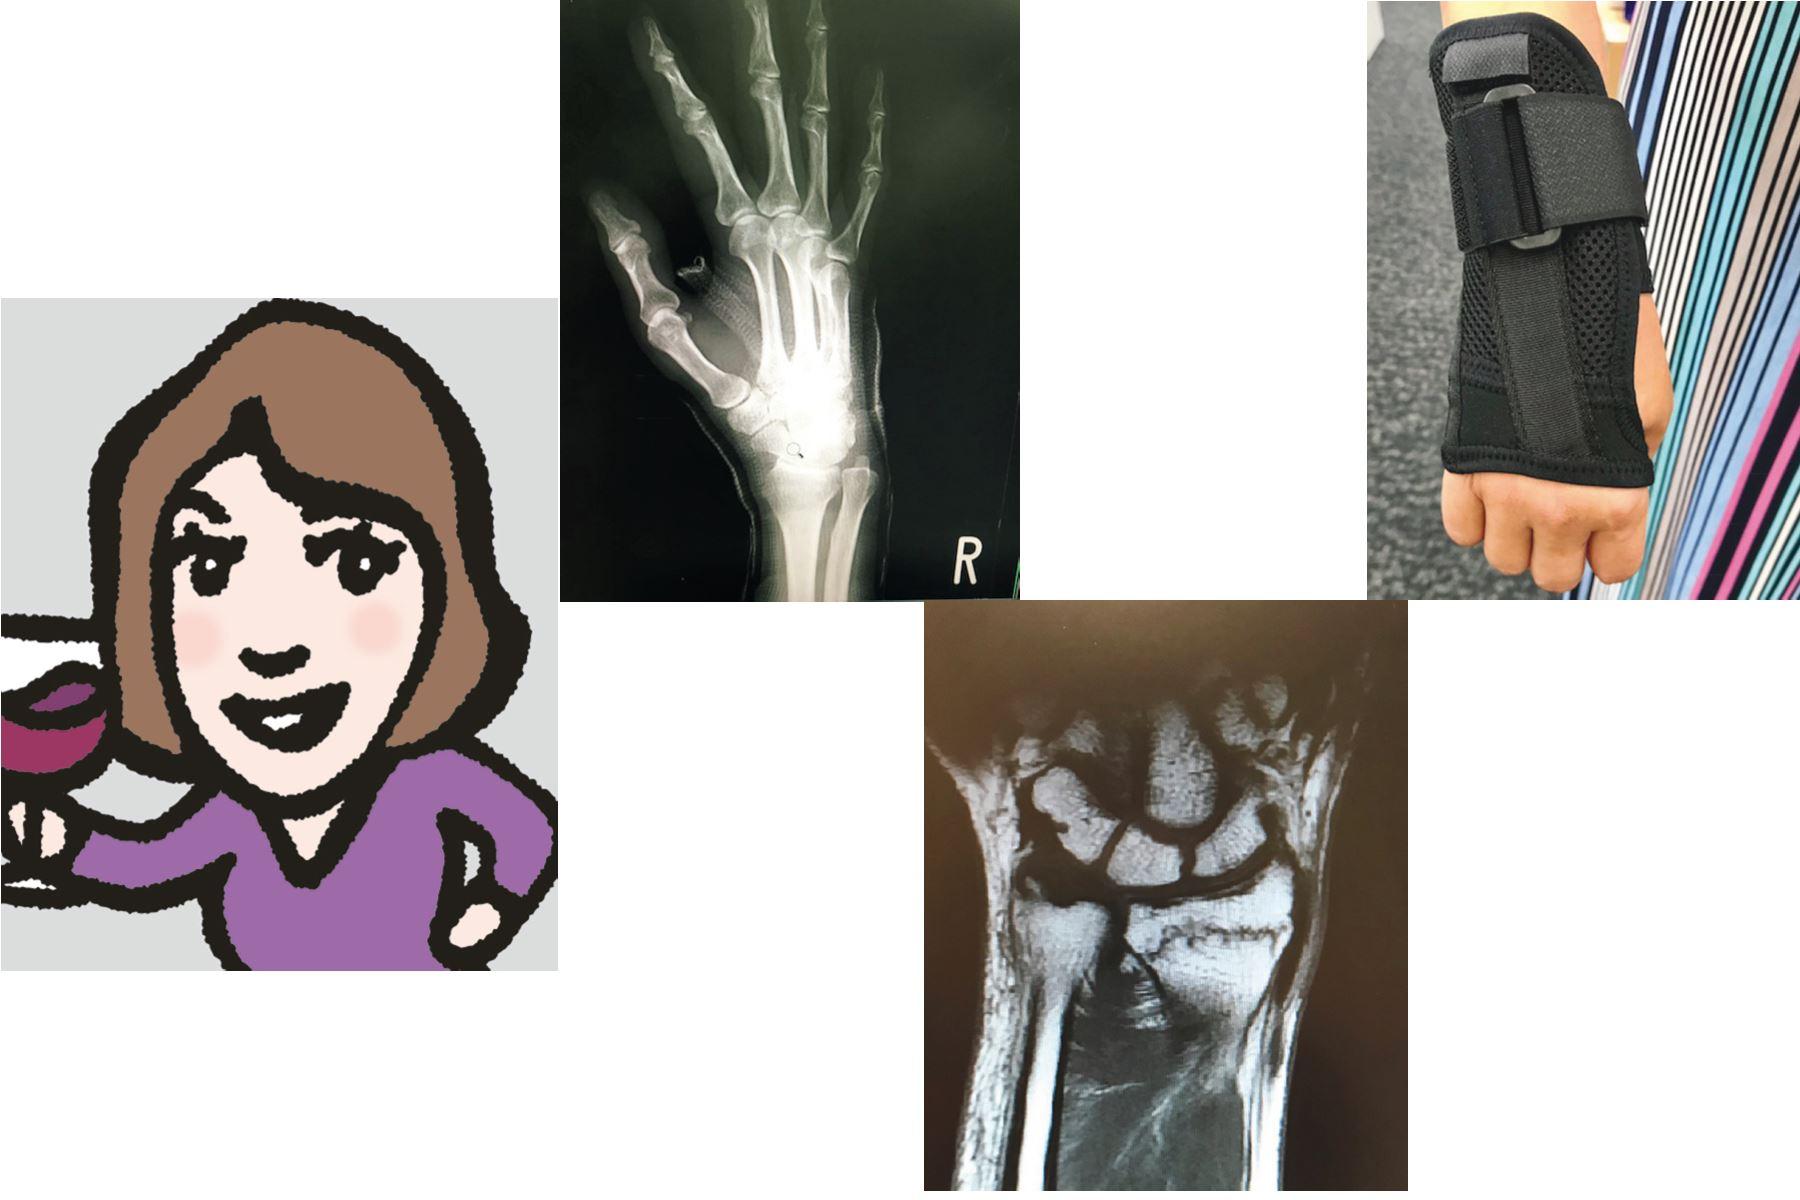 強い骨プロジェクト⑤ 骨折、私の体験談/編集部T「骨密度120%超えでも骨折!」